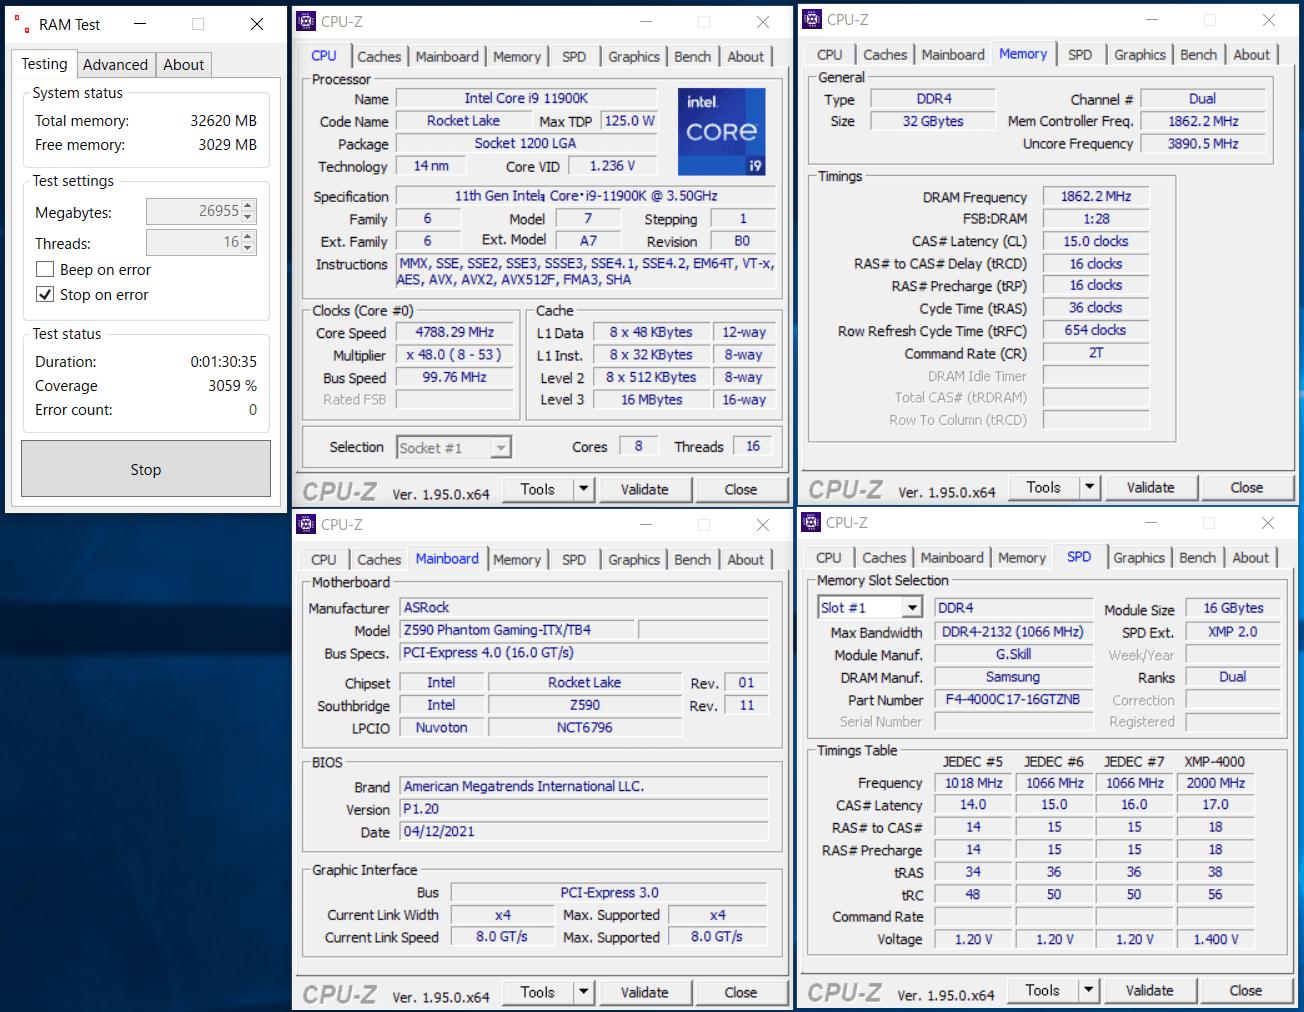 ASRock Z590 Phantom Gaming-ITXTB4_11900K_memtest_3733_c15_g1